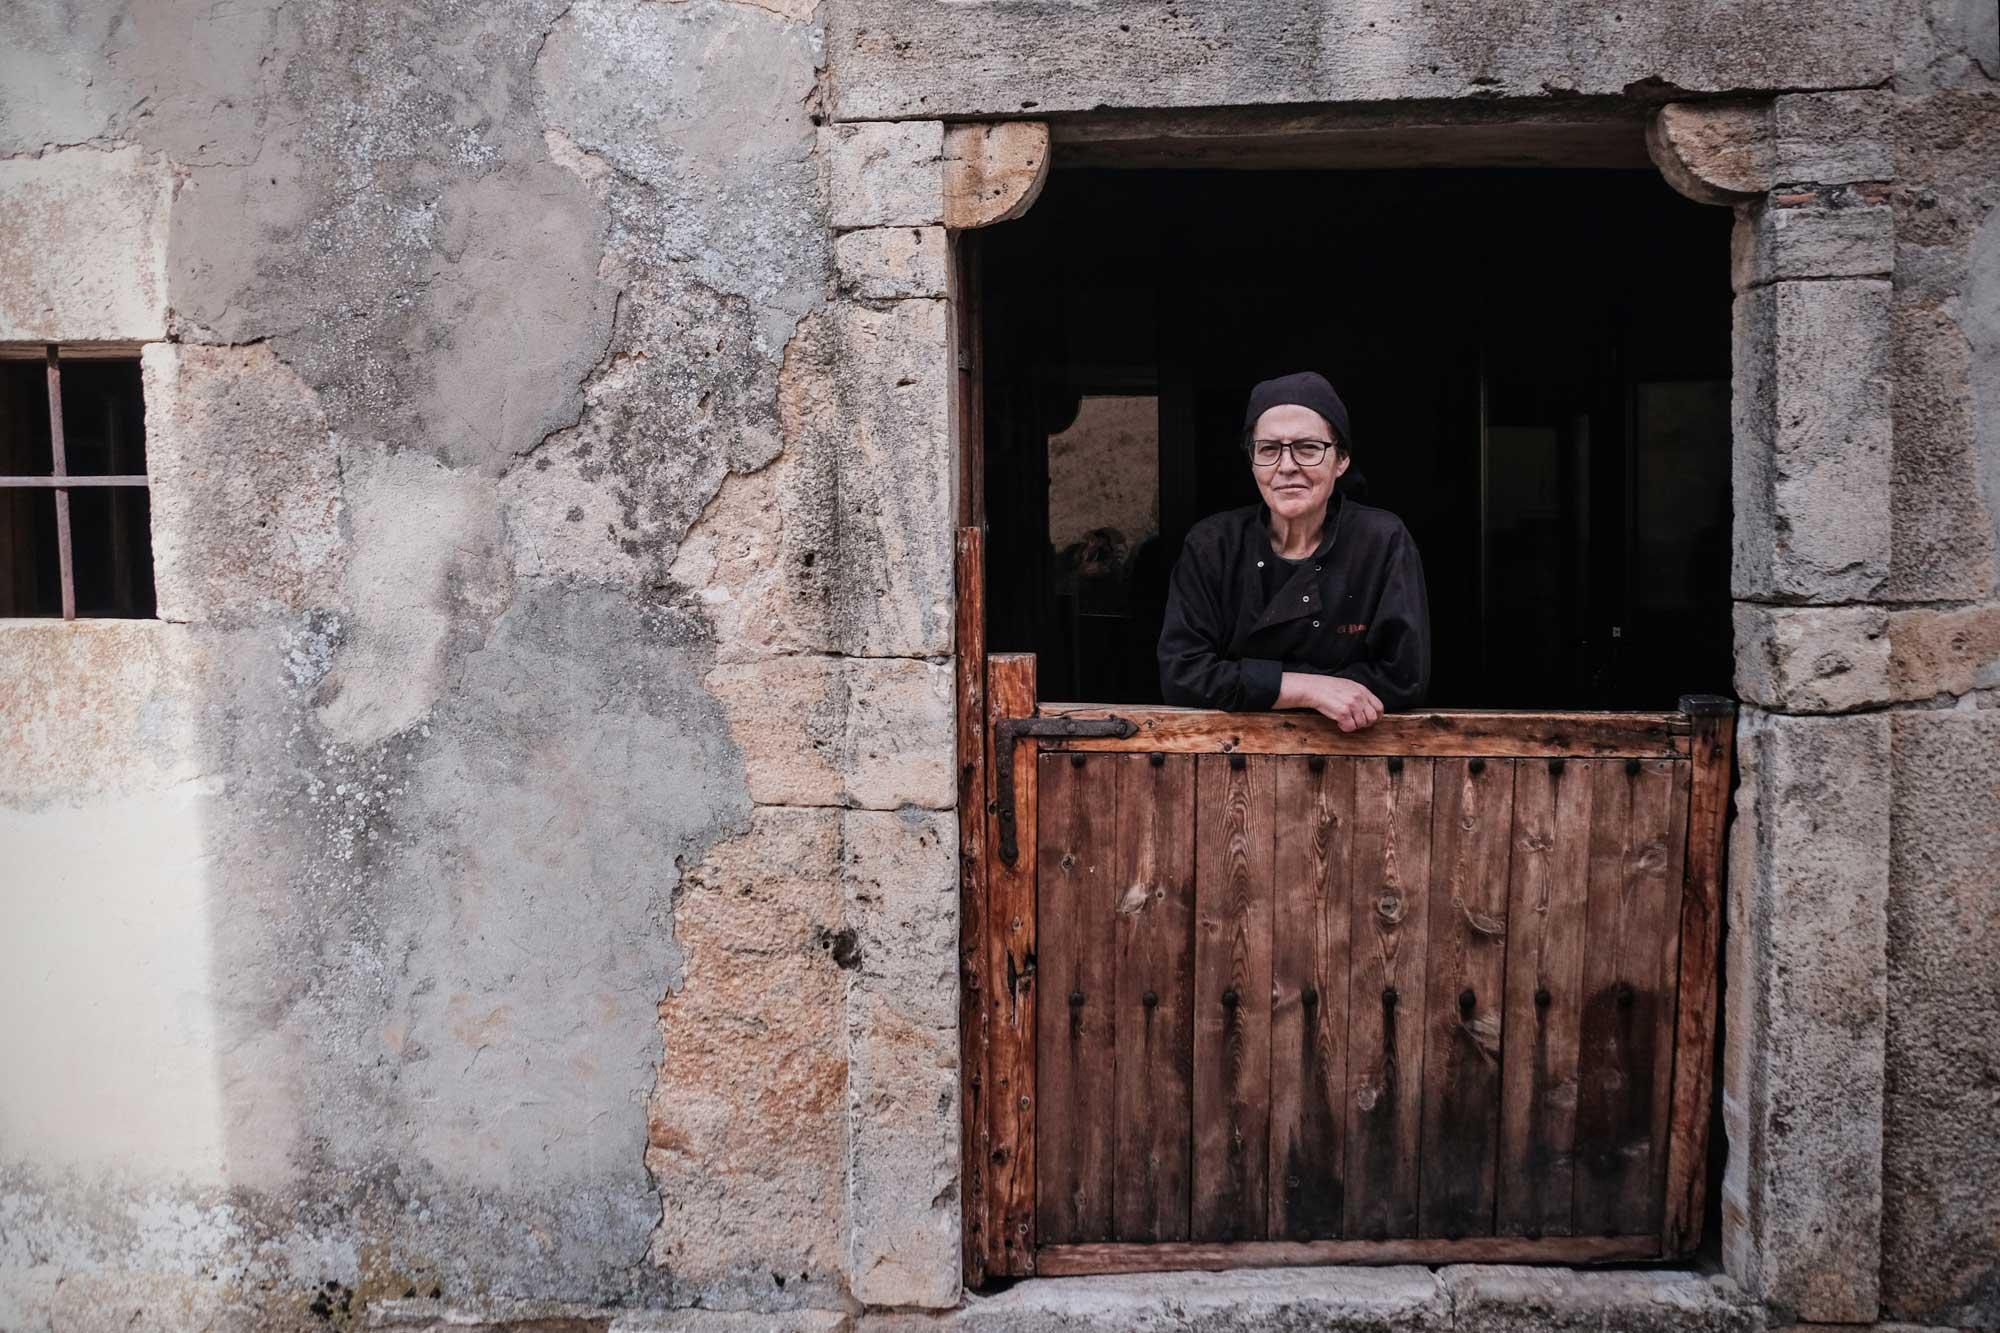 Begoña Pérez, hostelera del pueblo, regenta una casa rural y el restaurante 'El Palomar'.